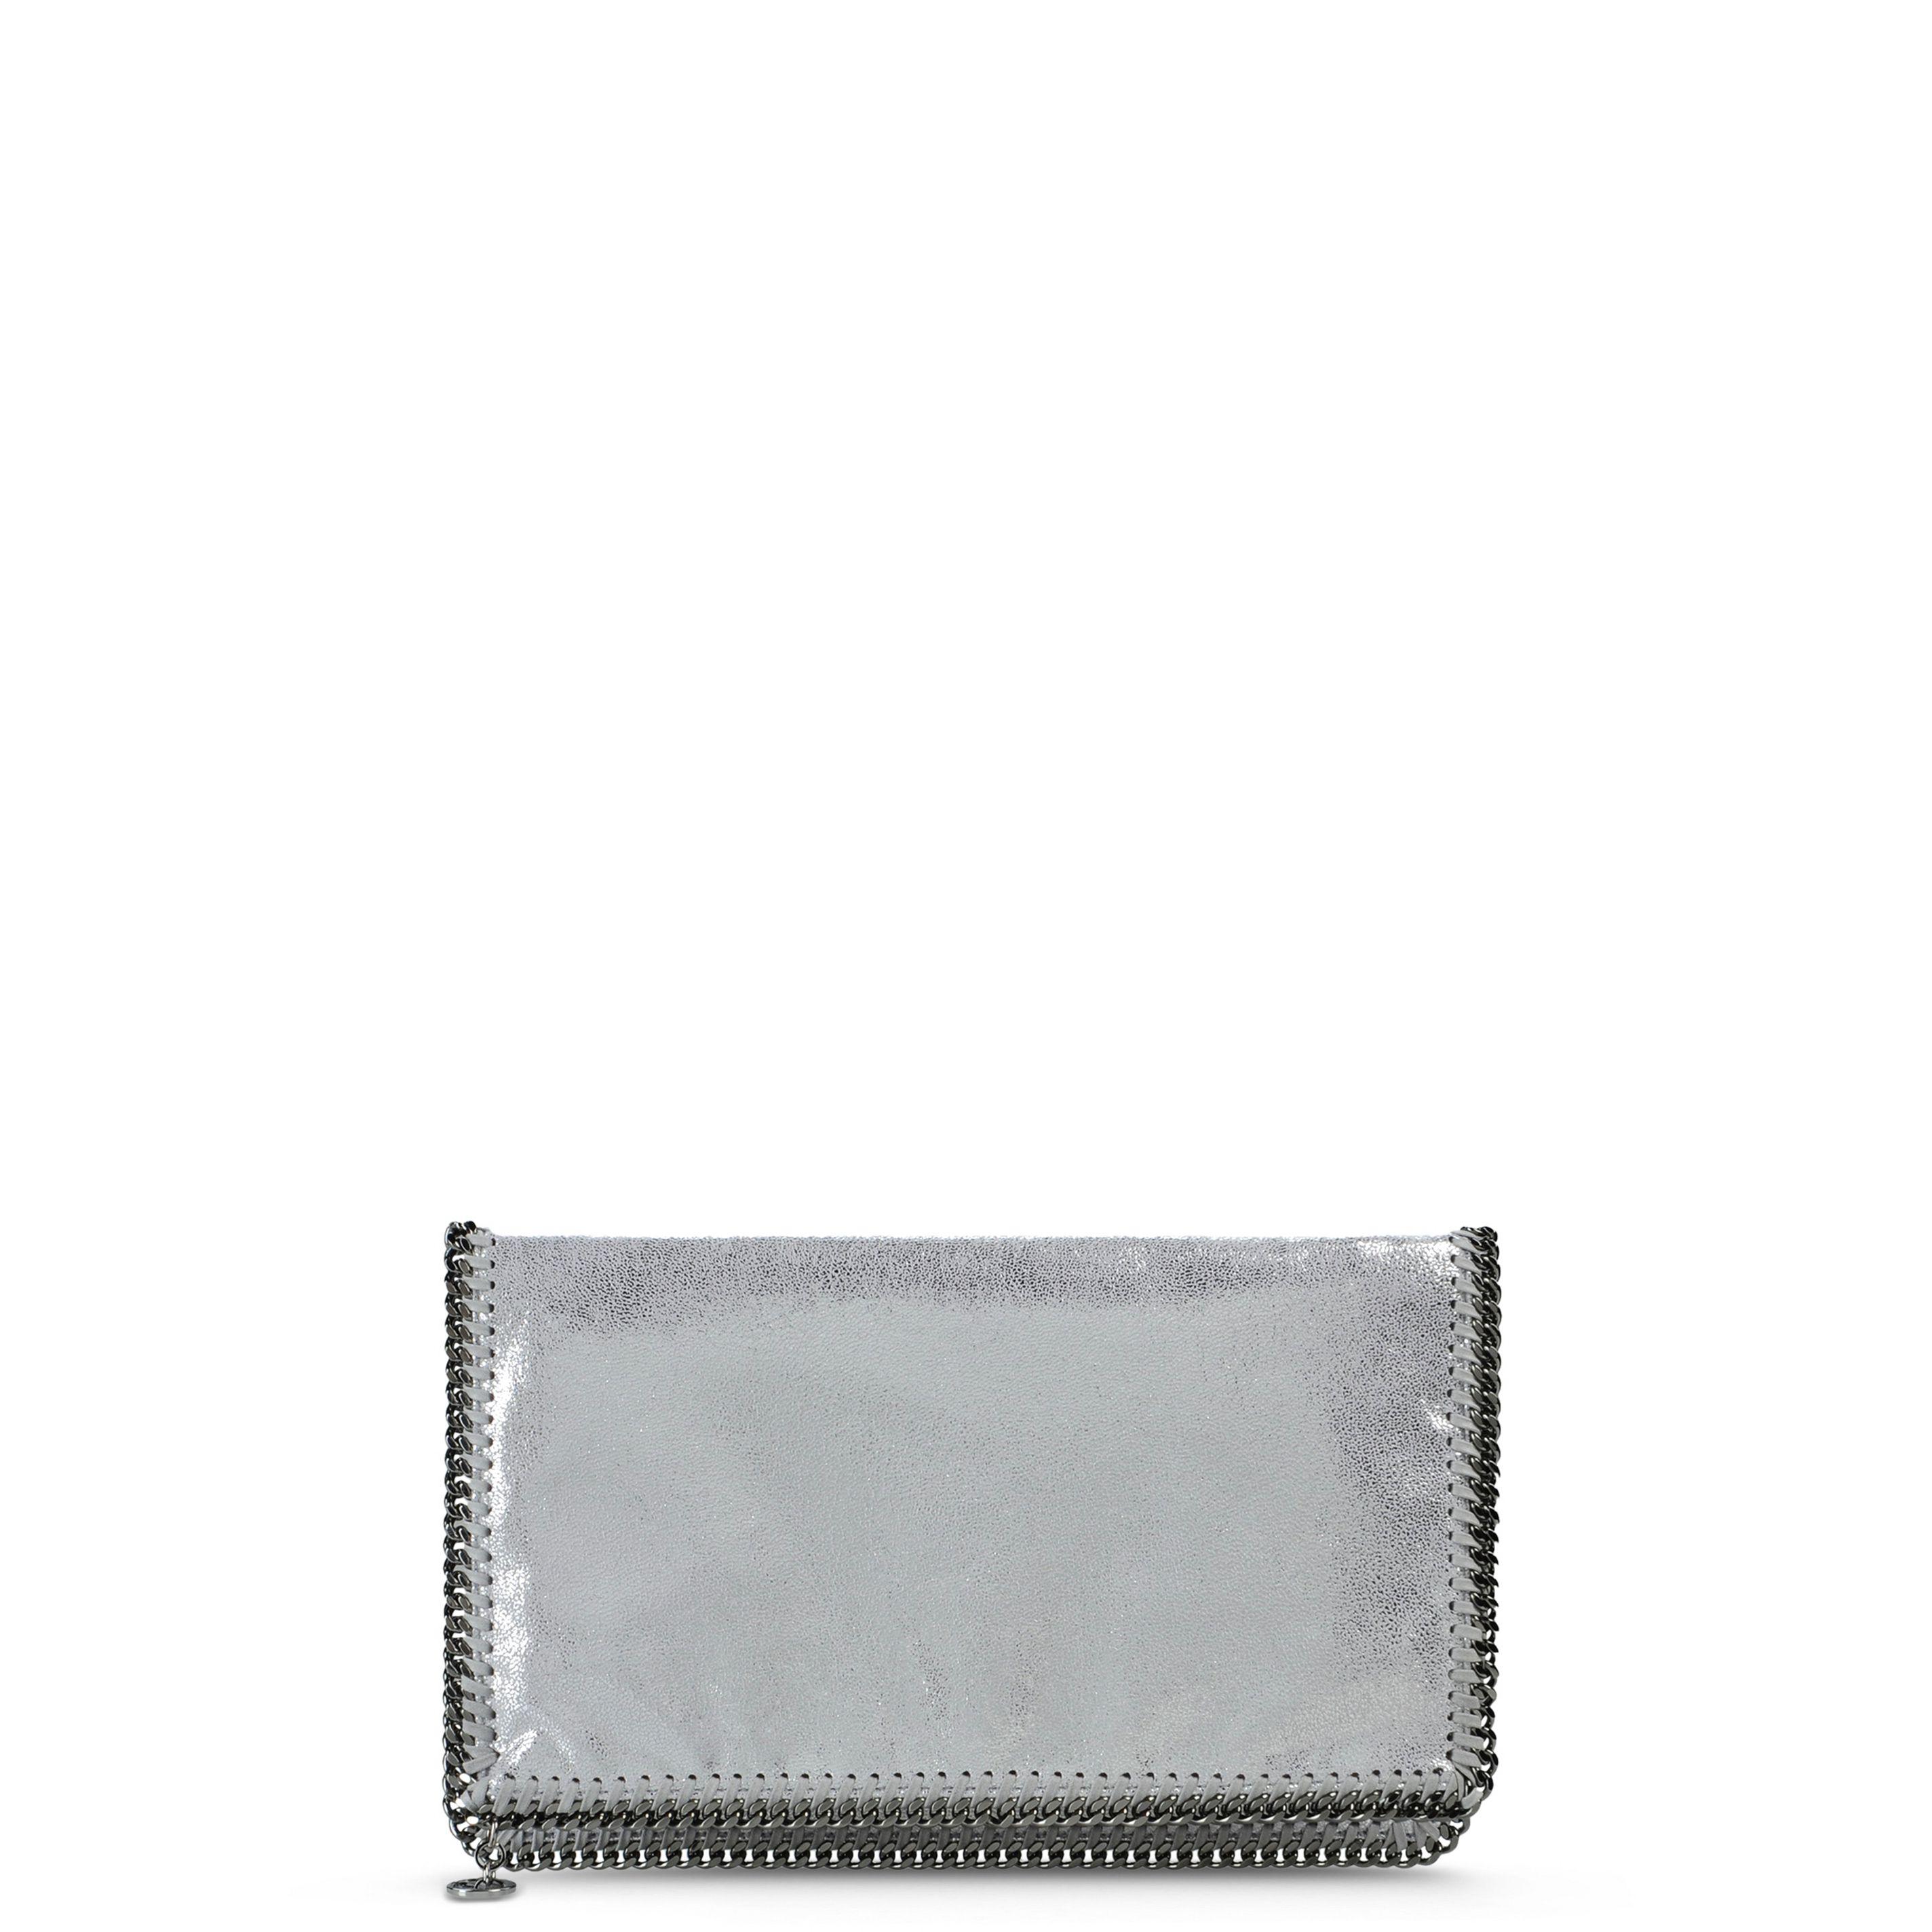 Pochette - Sacs Femme STELLA McCARTNEY - En vente sur l'Online Store Officiel